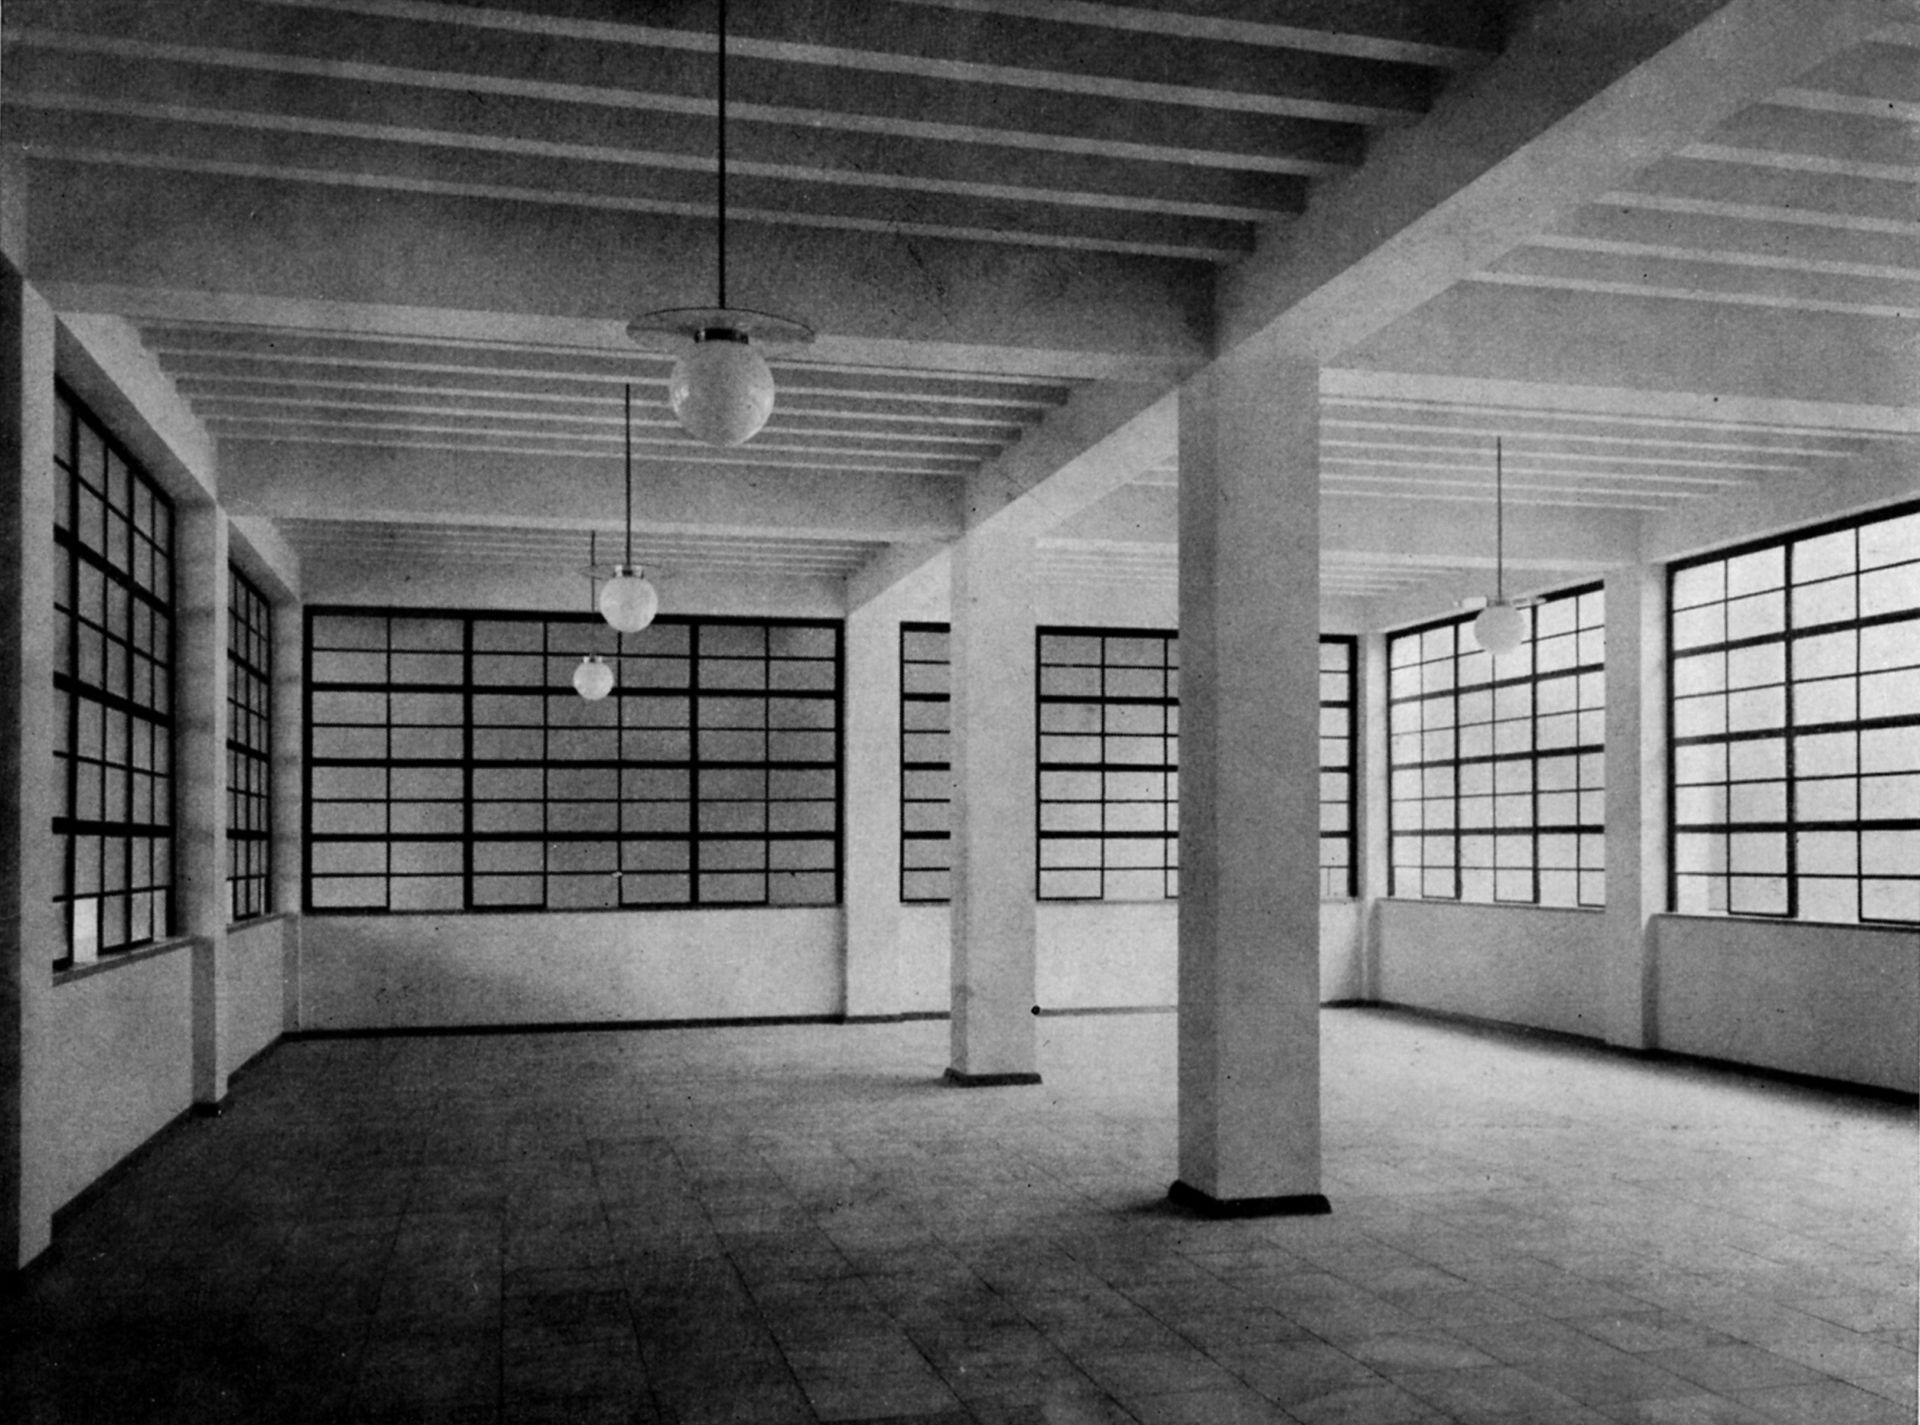 """Arbeitsamt Schalterhalle im Erdgeschoß / Foto aus: """"Otto Ernst Schweizer"""", F. E. Hübsch Verlag"""